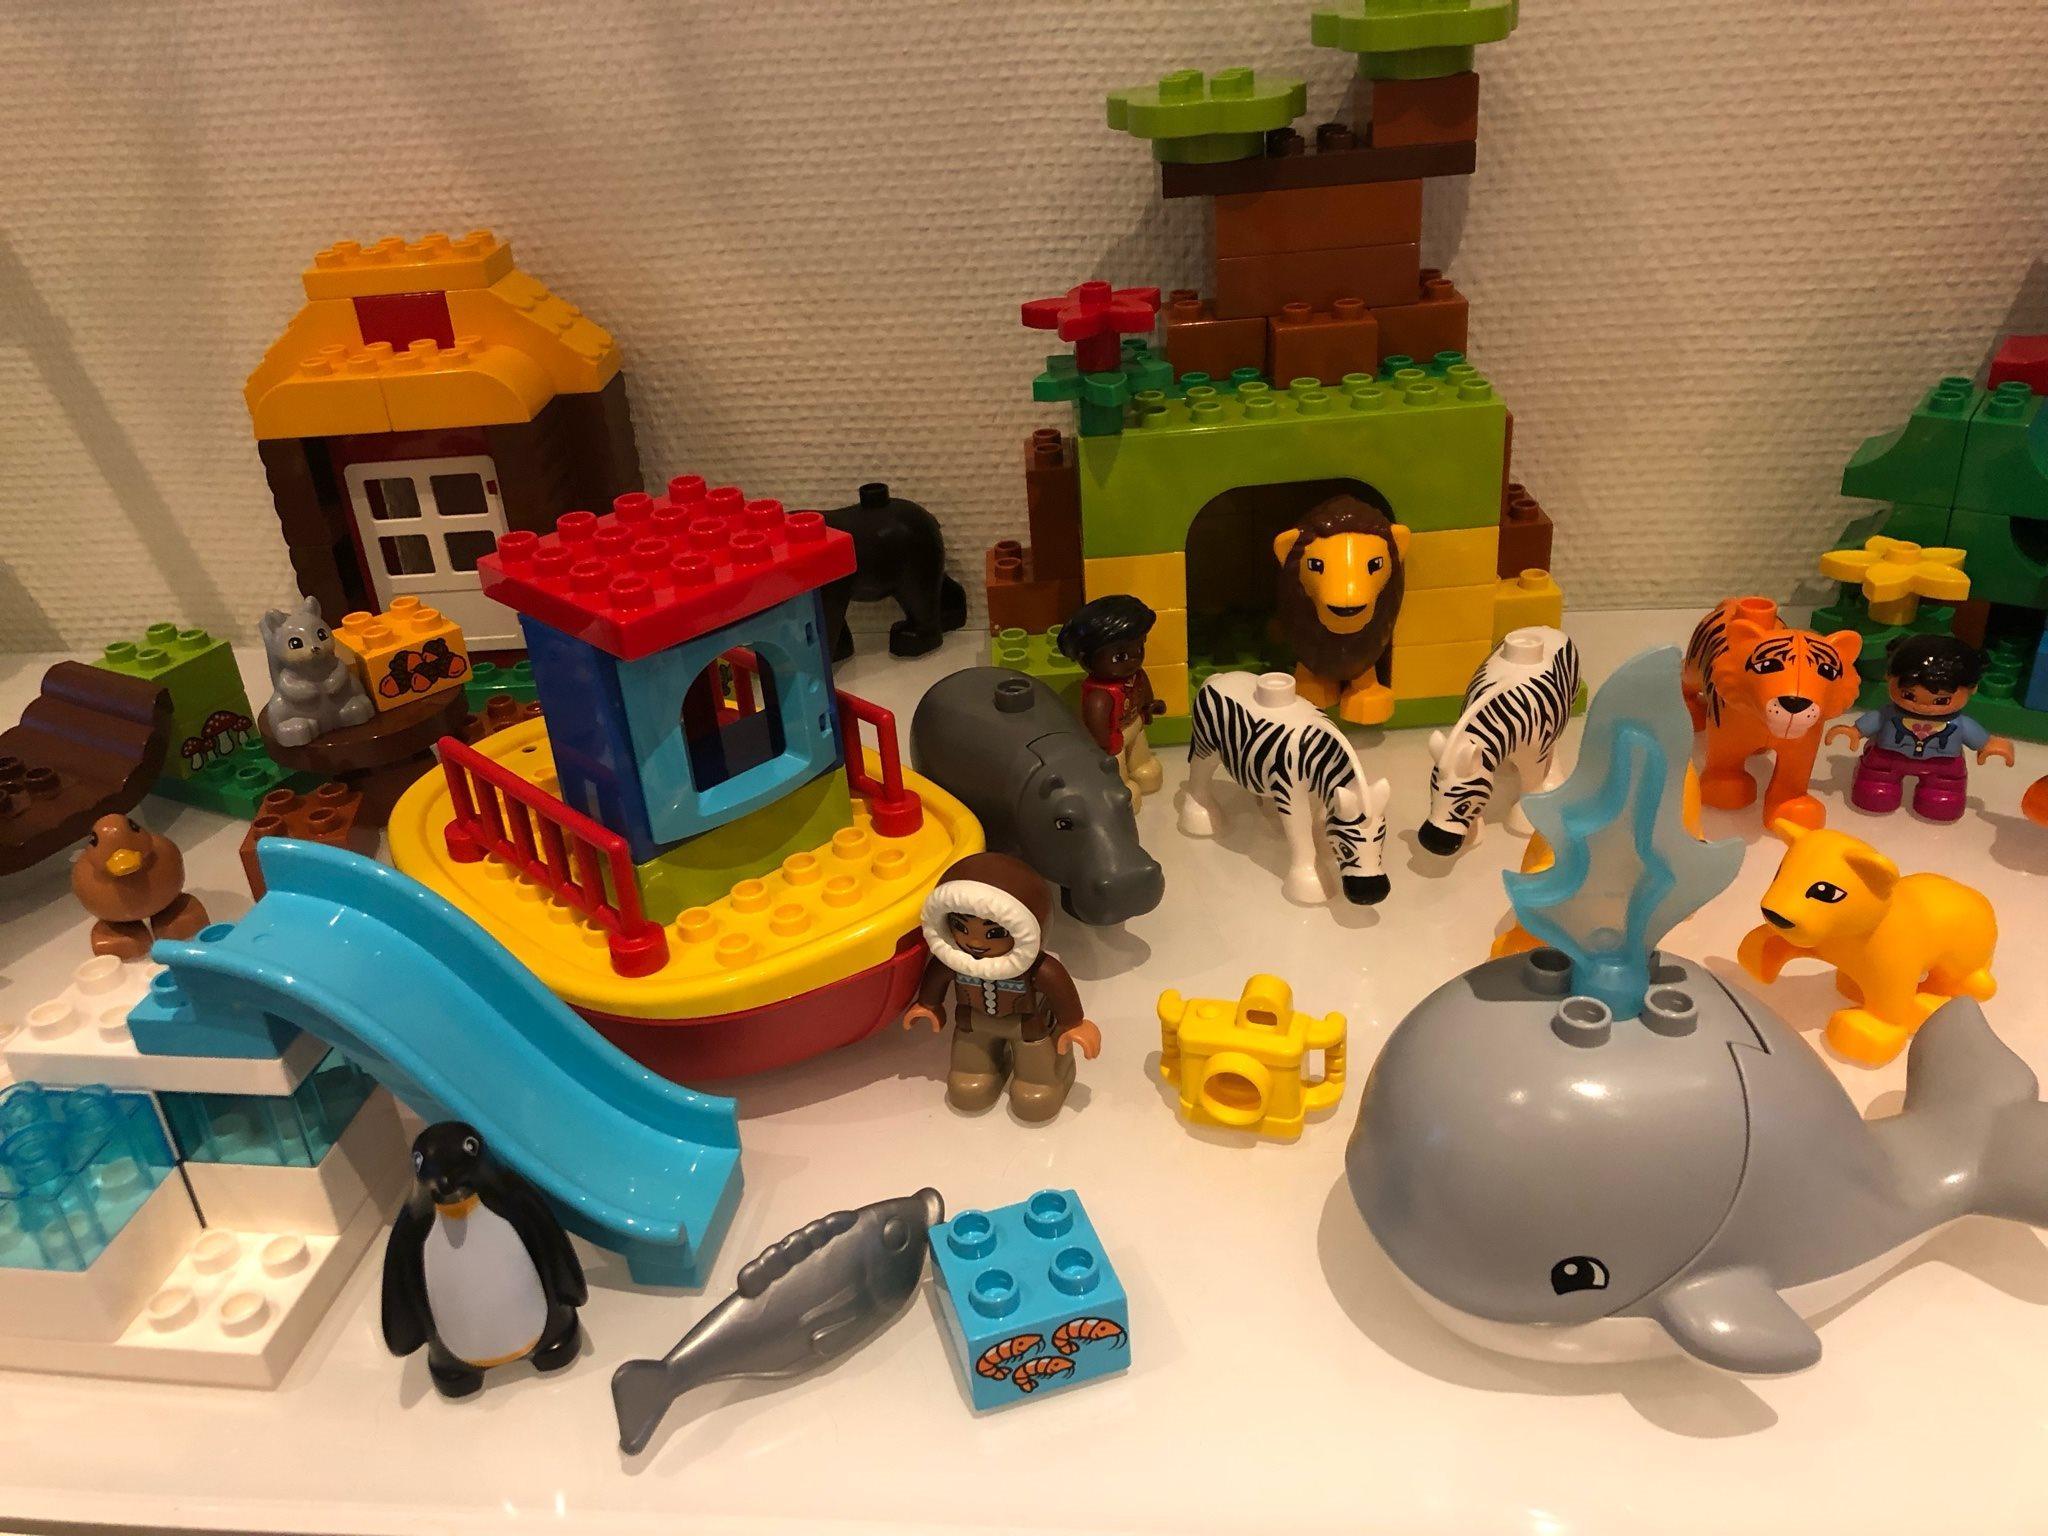 Lego DUPLO - jorden jorden jorden runt - djur och miljöer från hela världen 4abdb2